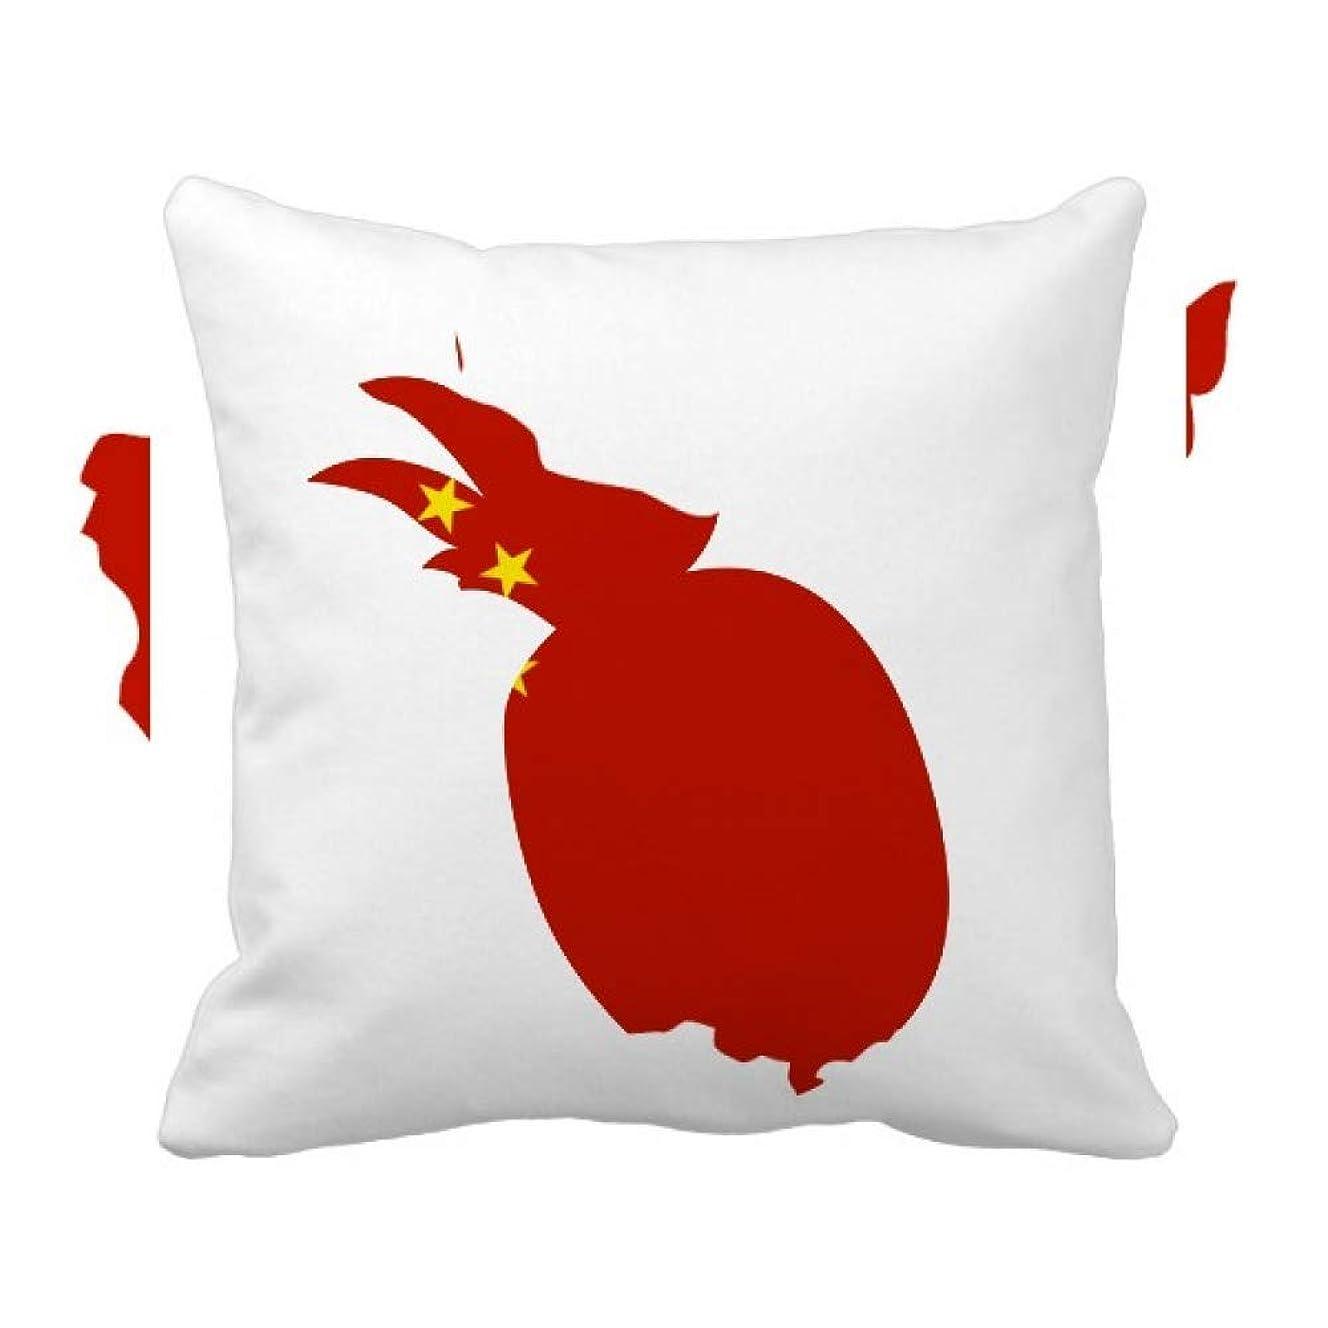 韓国評議会やがて中国の国旗で作った地図 パイナップル枕カバー正方形を投げる 50cm x 50cm